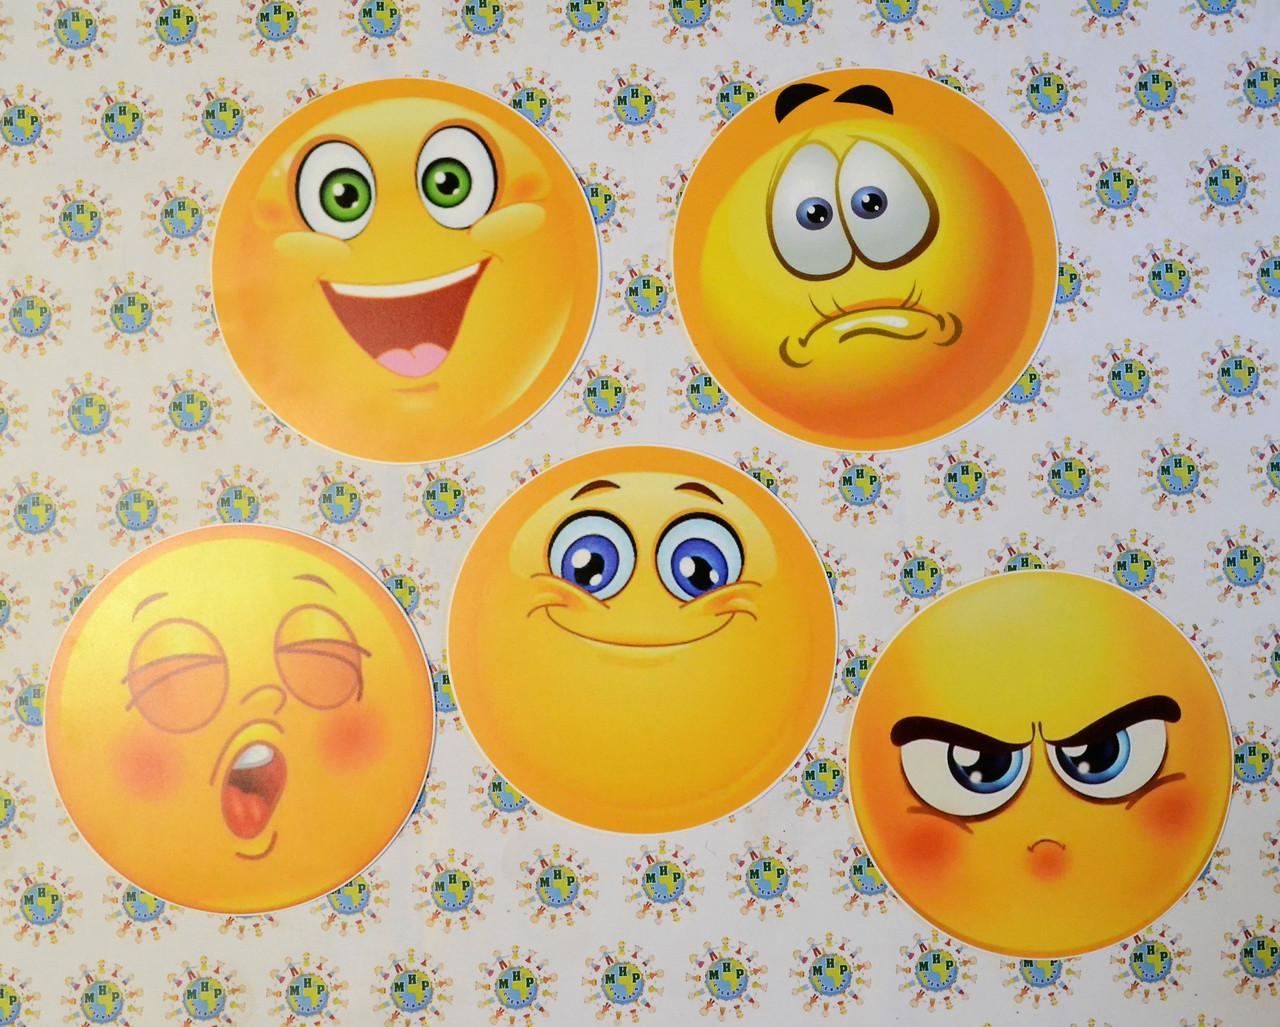 Смайлики ромашки эмоции картинки распечатать